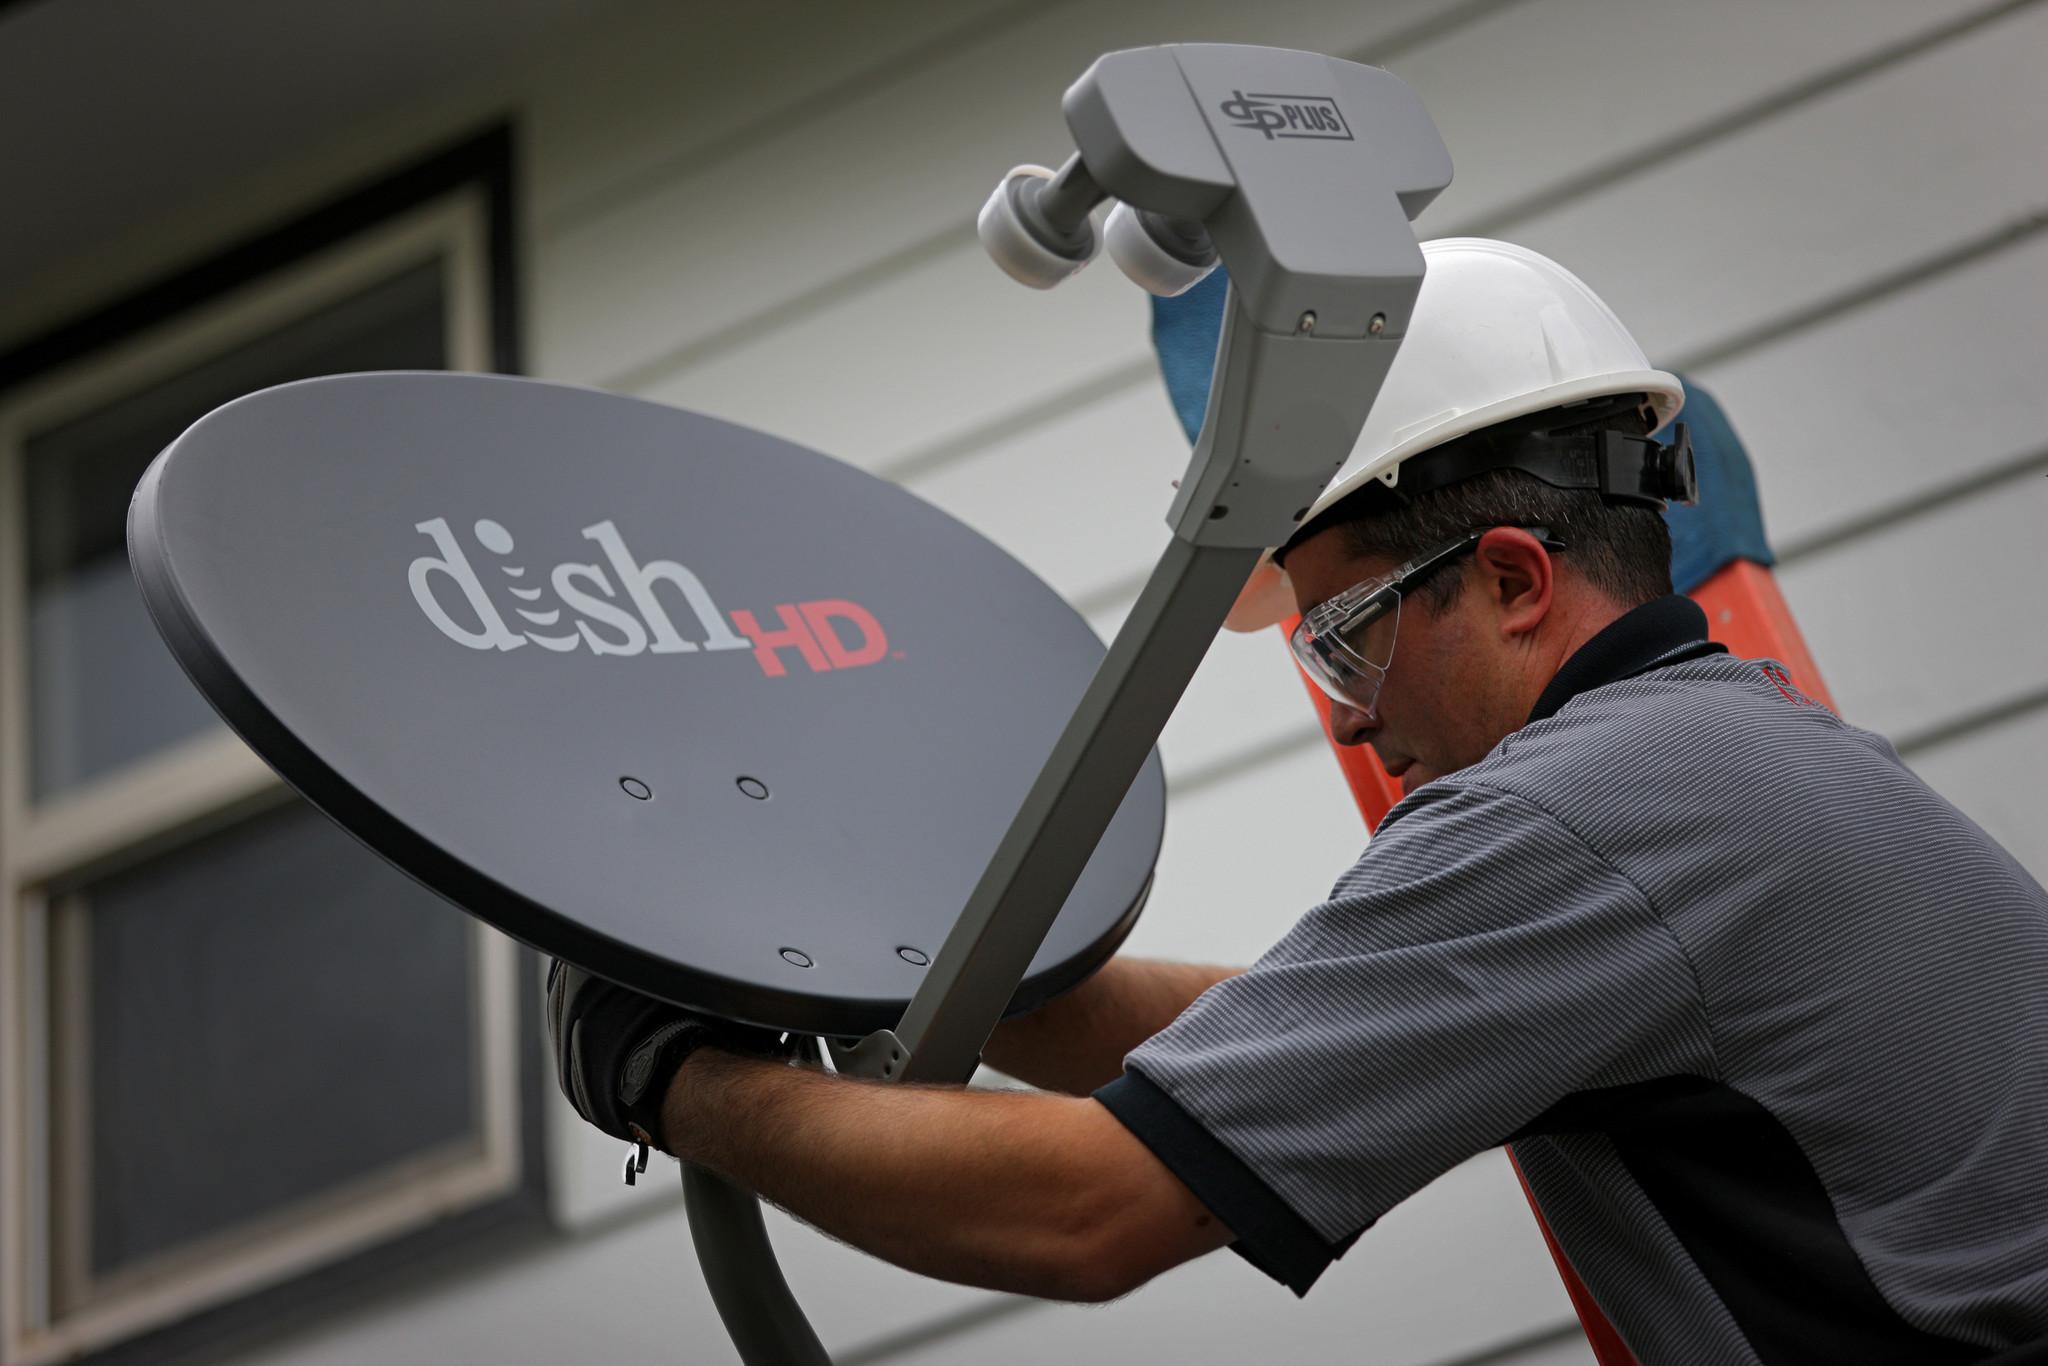 FLEX TV DISH LATINO